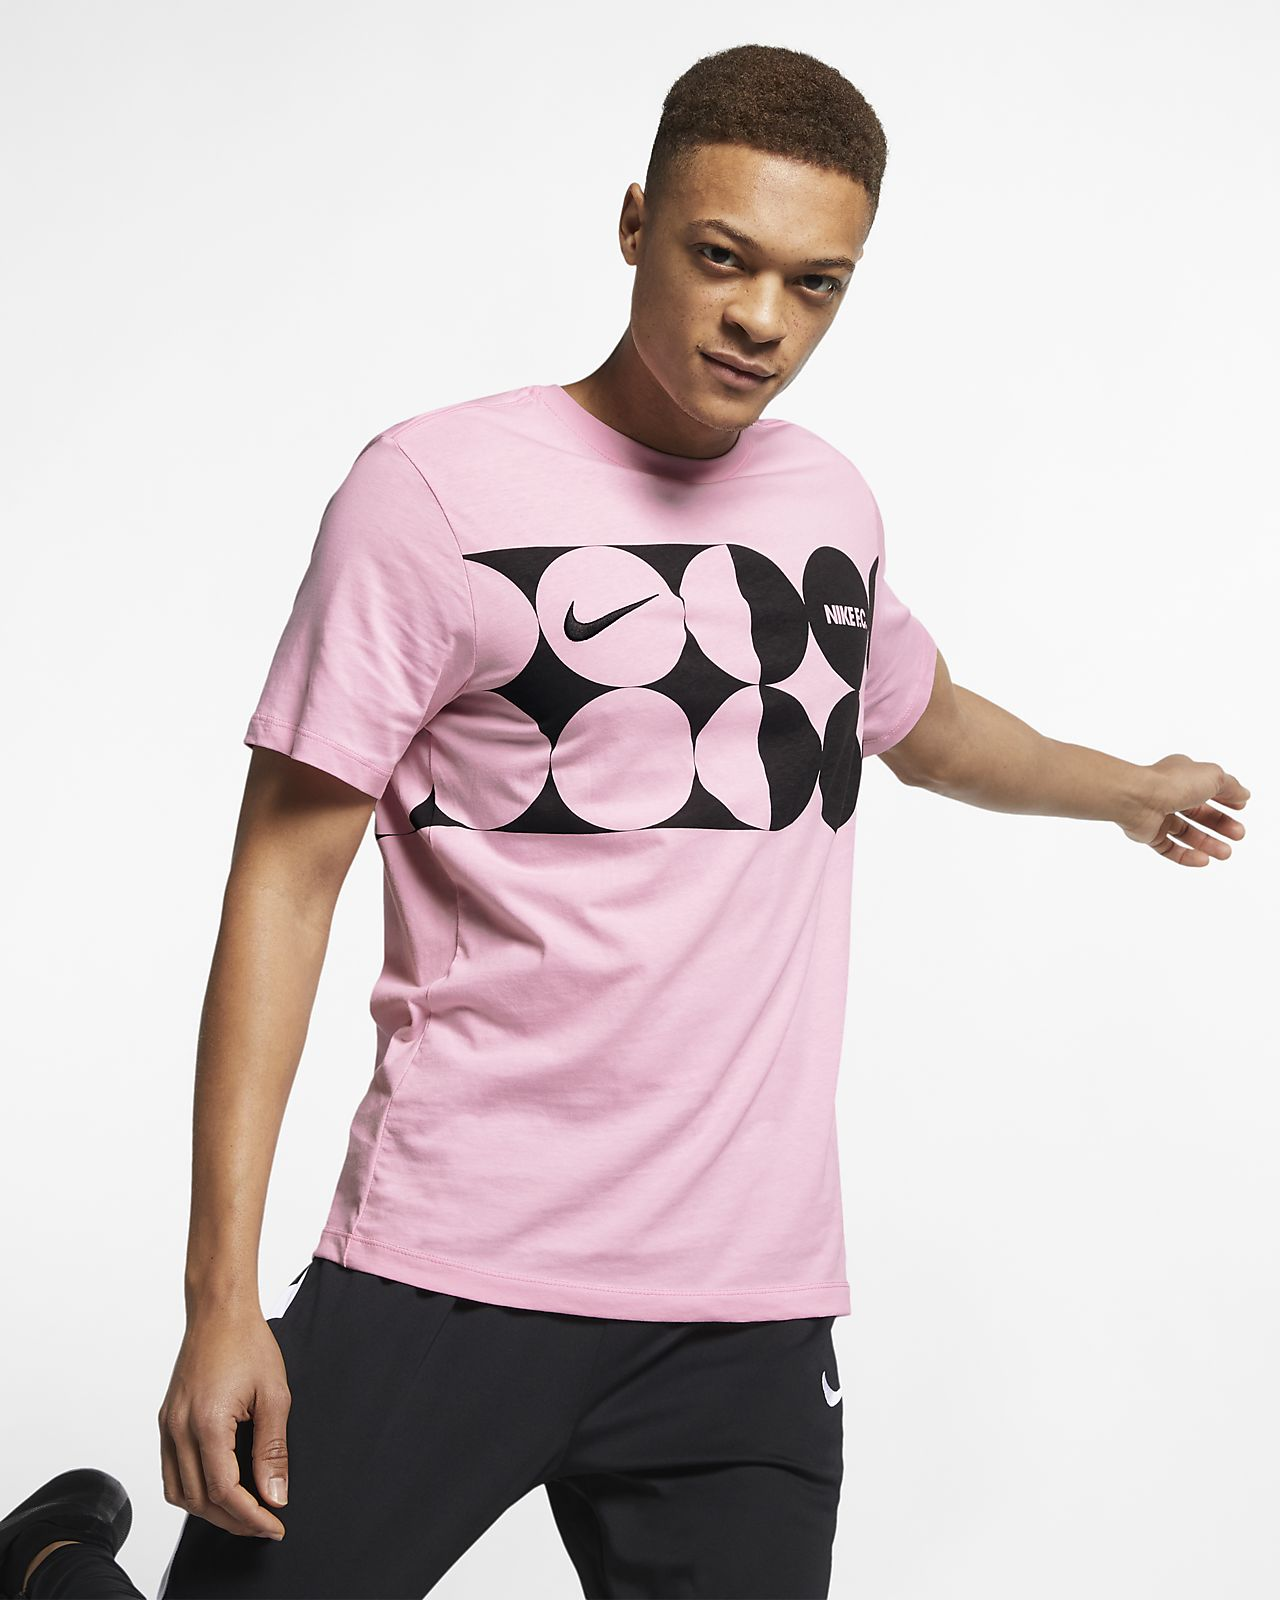 T Nike Shirt c Nl F Heren Voor wUqUEr